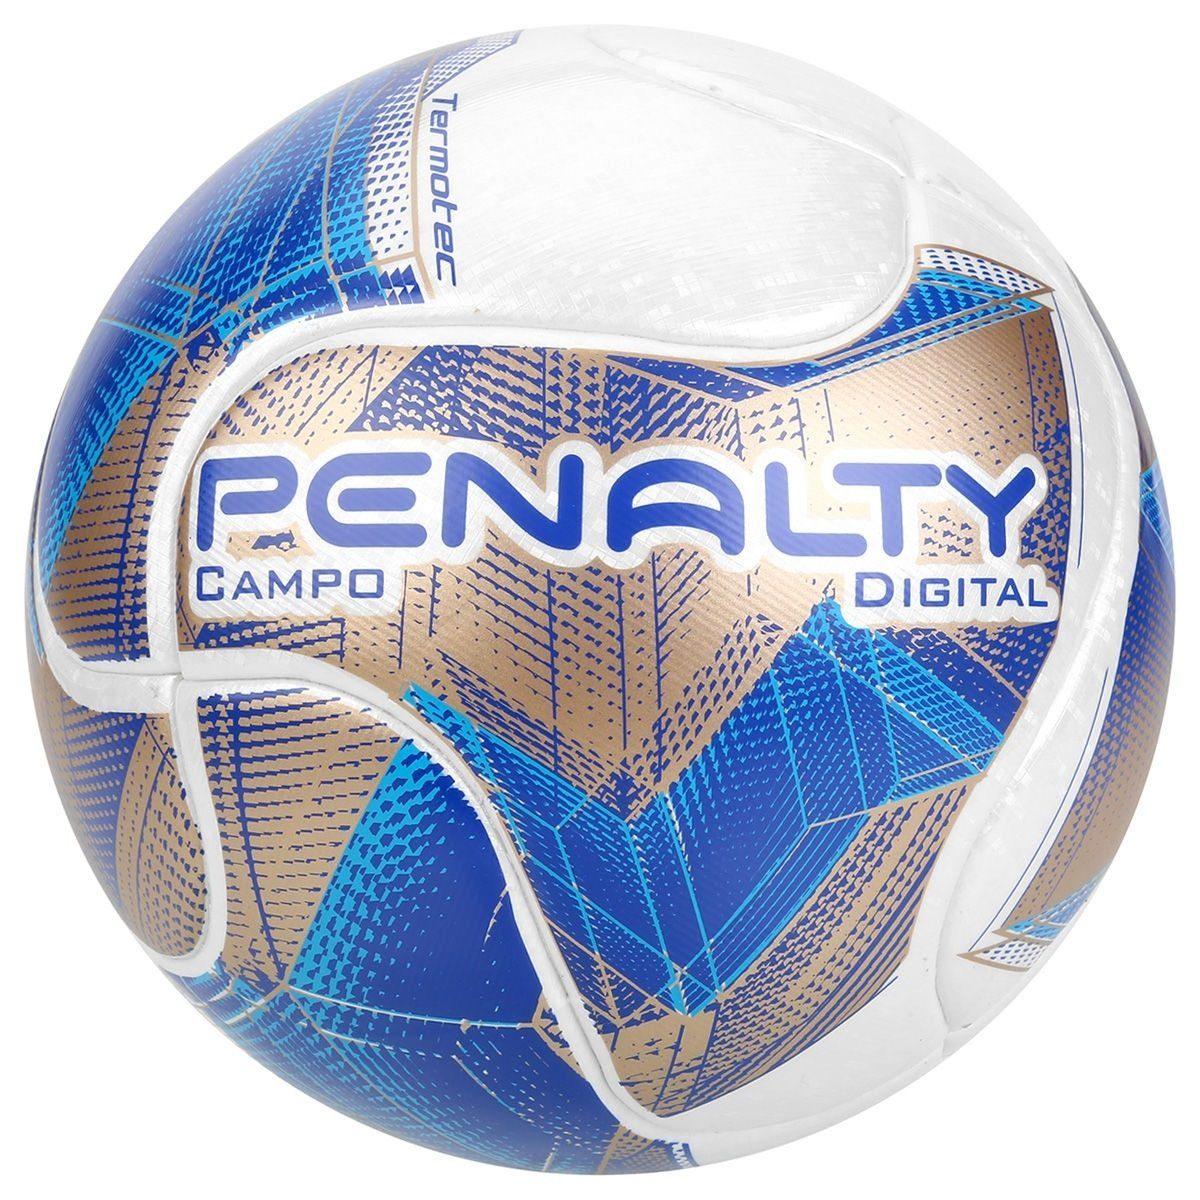 bola campo digital termotec vii penalty - 5414371411. Carregando zoom. 87ea3e21ed4ed